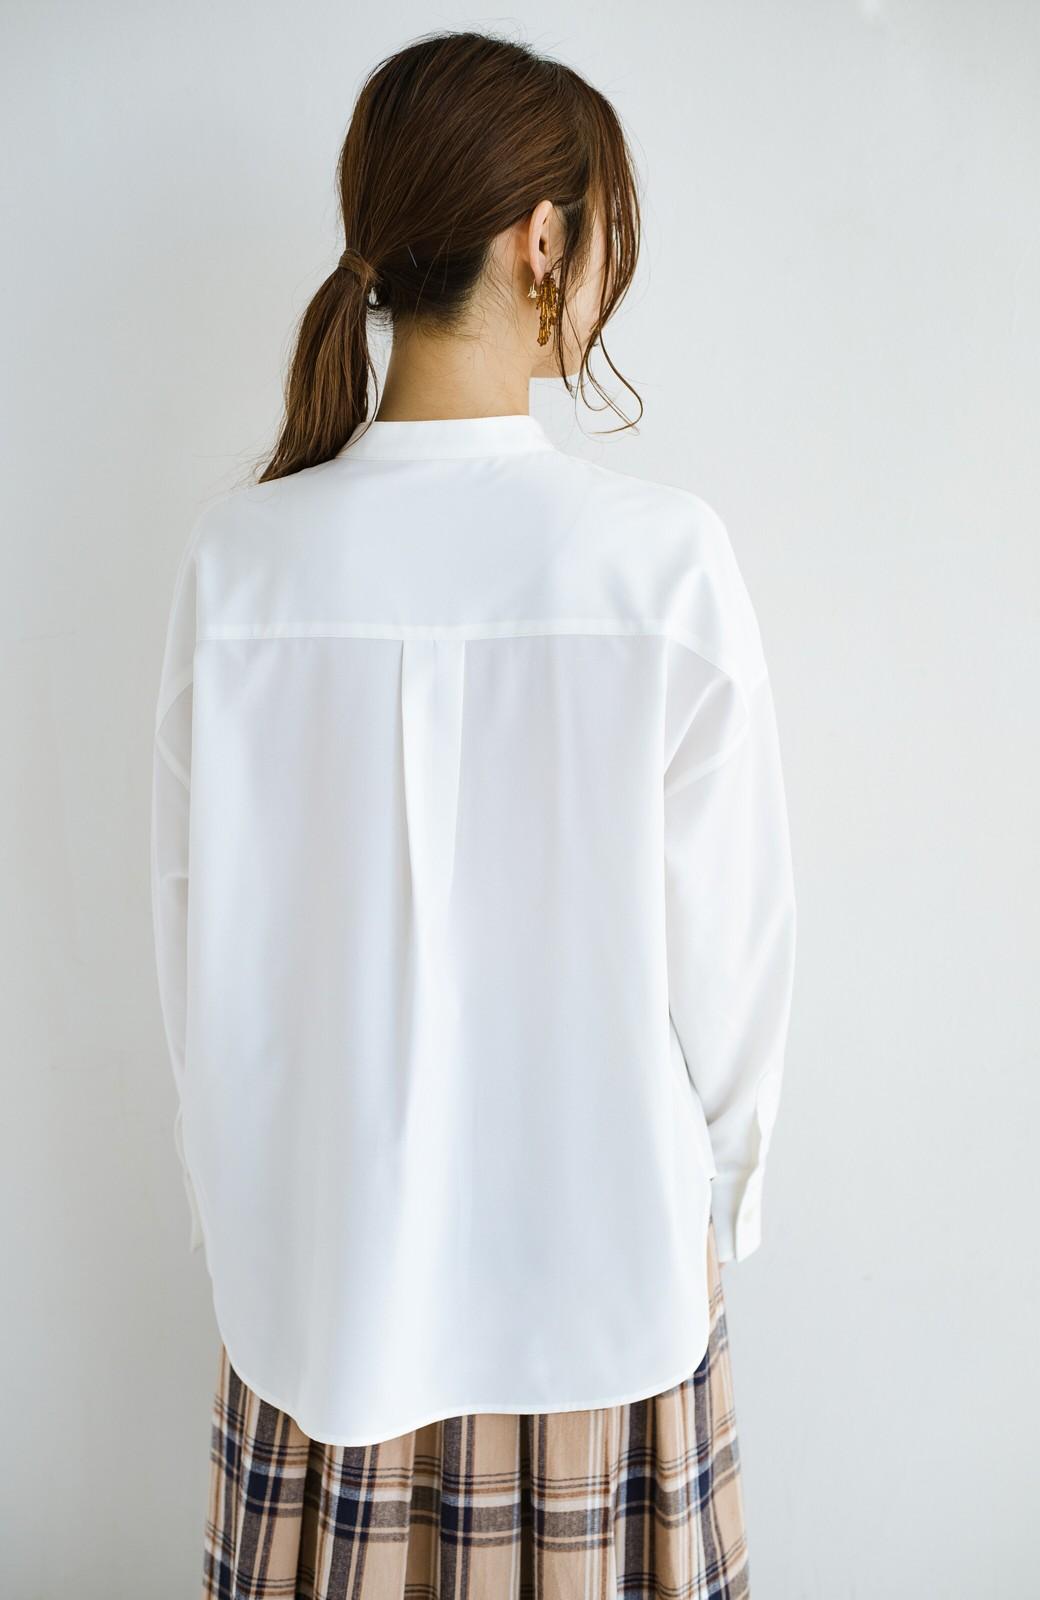 haco! 【肩幅党】あの大人気白シャツが進化!華奢見せ計算済みのVネックニットがさらに冬おしゃれを後押し! 第一印象おまかせあれ!の便利なシャツ&ニットセット <ブルーグリーン>の商品写真13